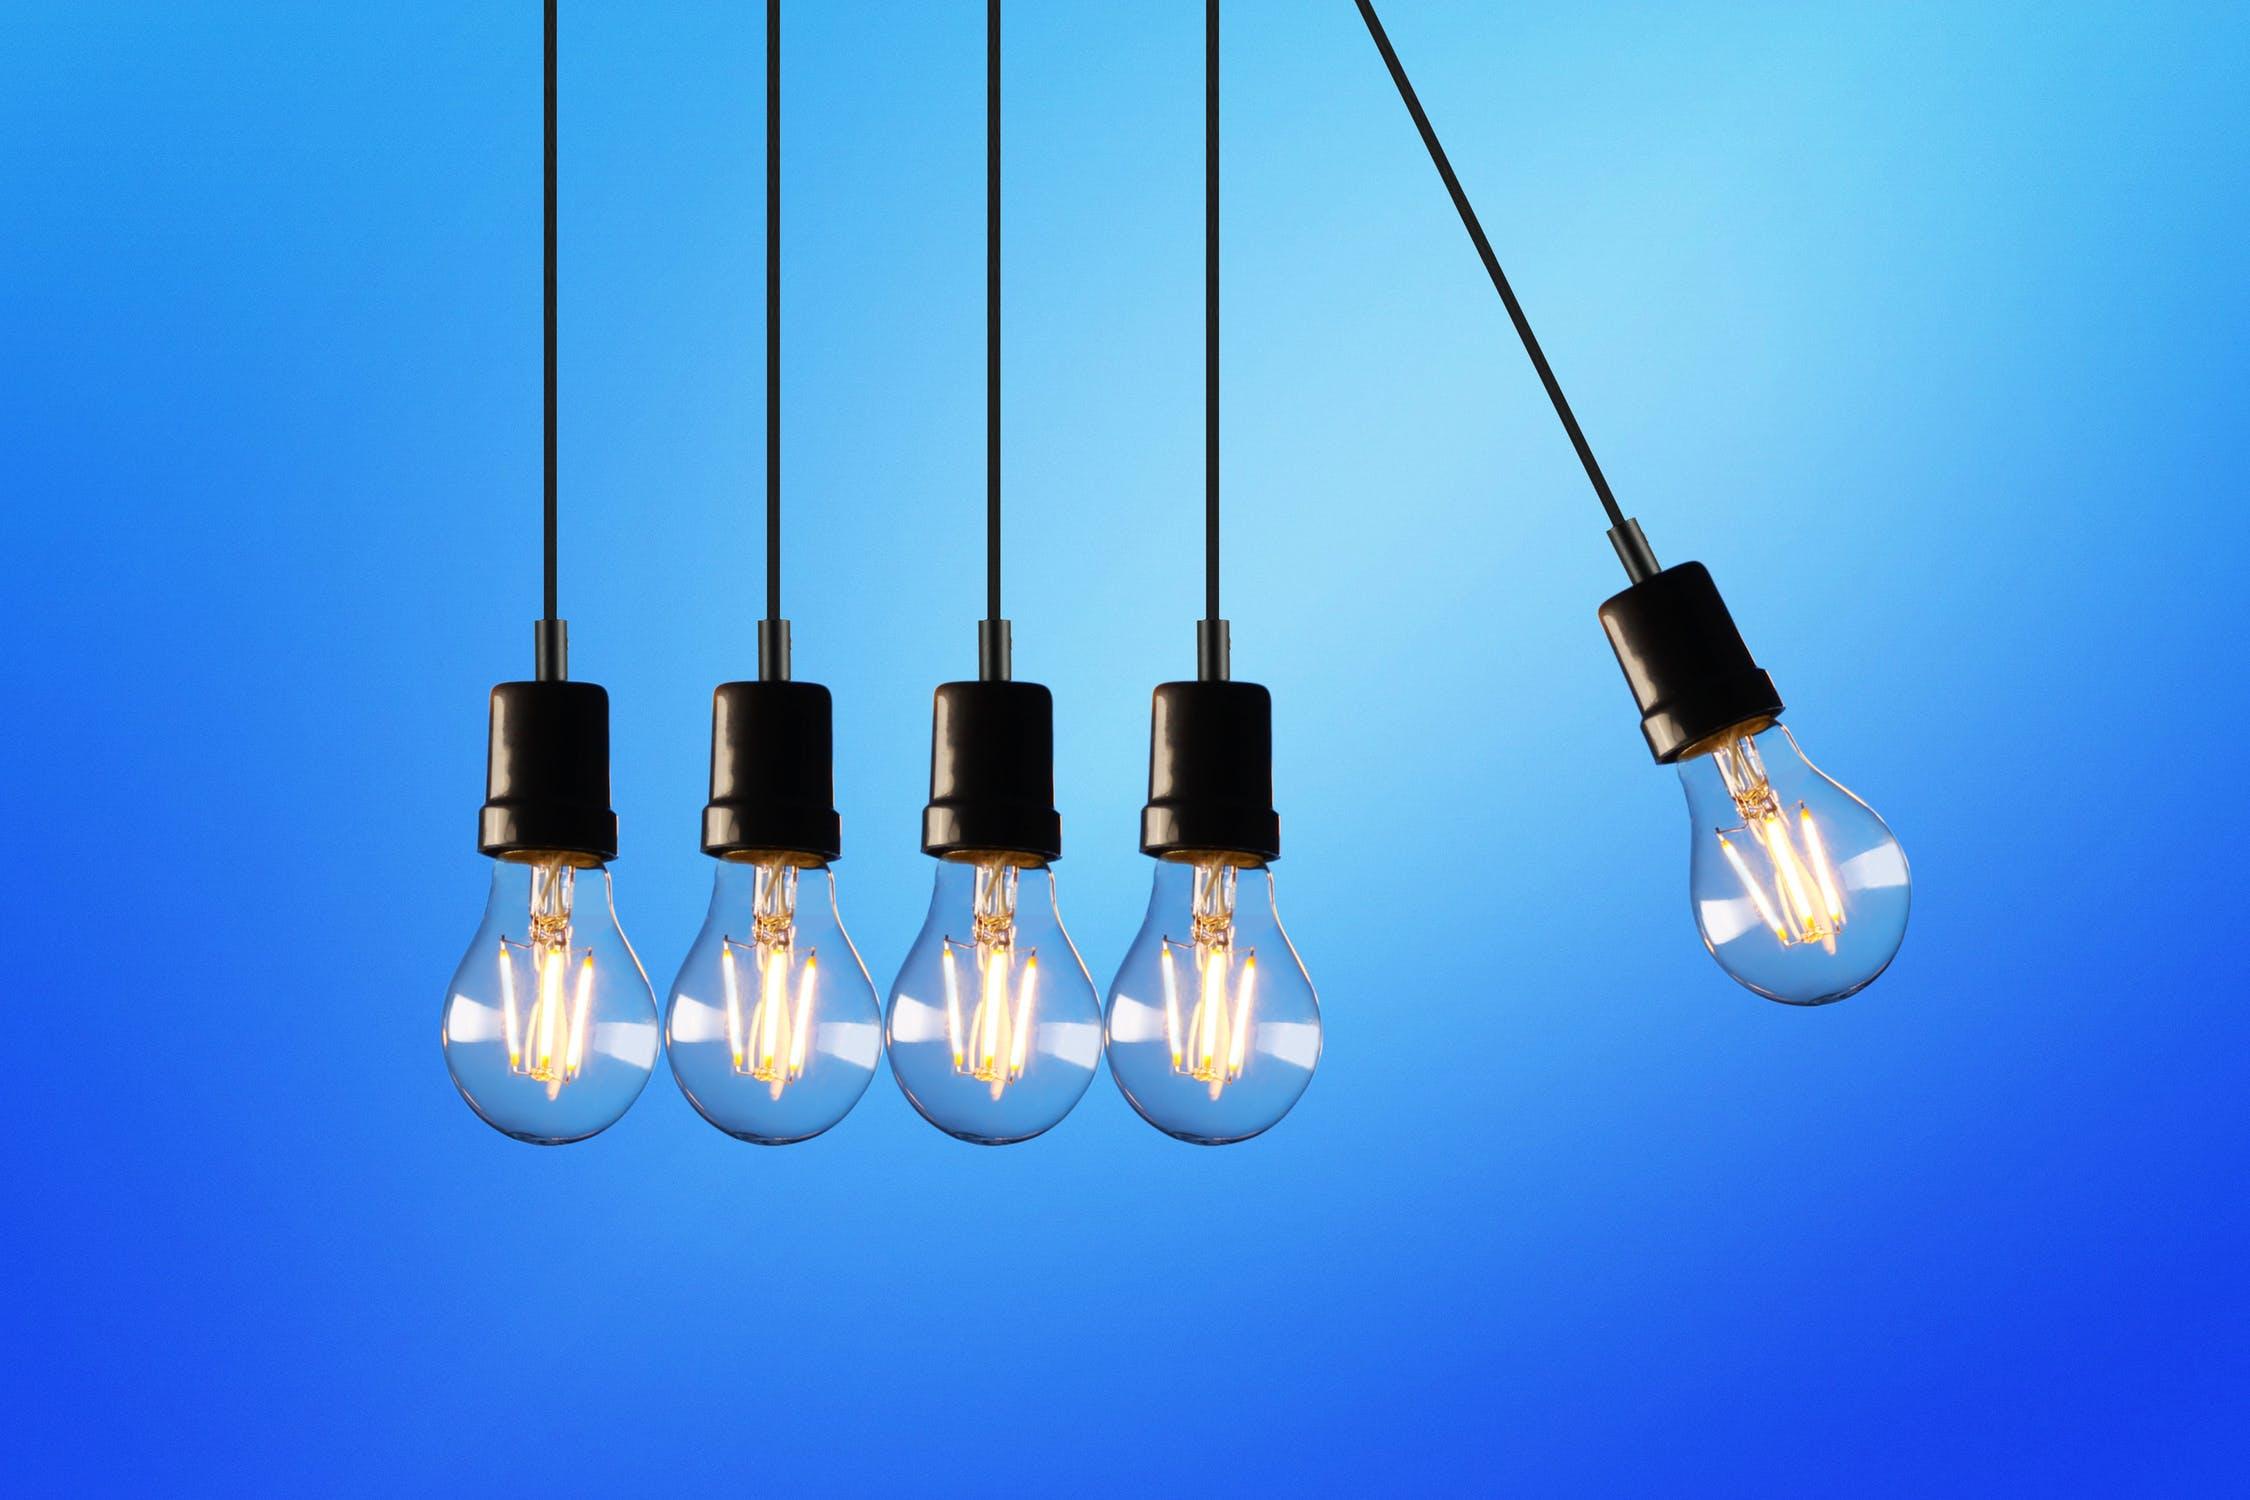 Energierekening 2019 energieprijzen omlaag, leveringskosten omhoog